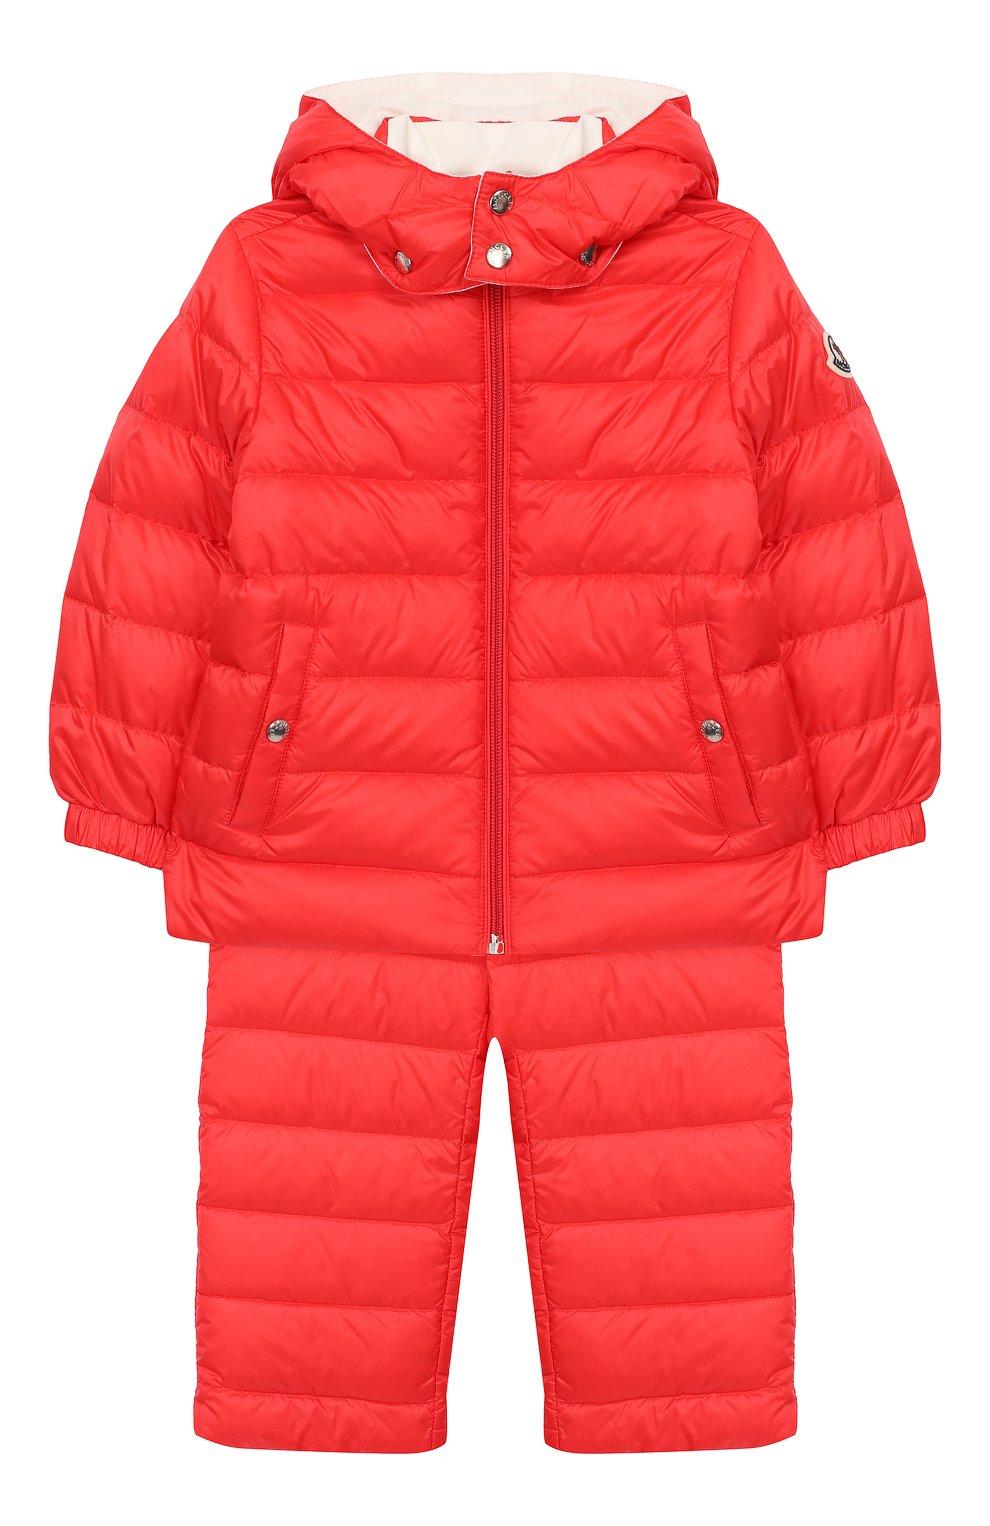 Детский комплект из куртки и комбинезона MONCLER ENFANT кораллового цвета, арт. E1-951-70340-05-53048 | Фото 1